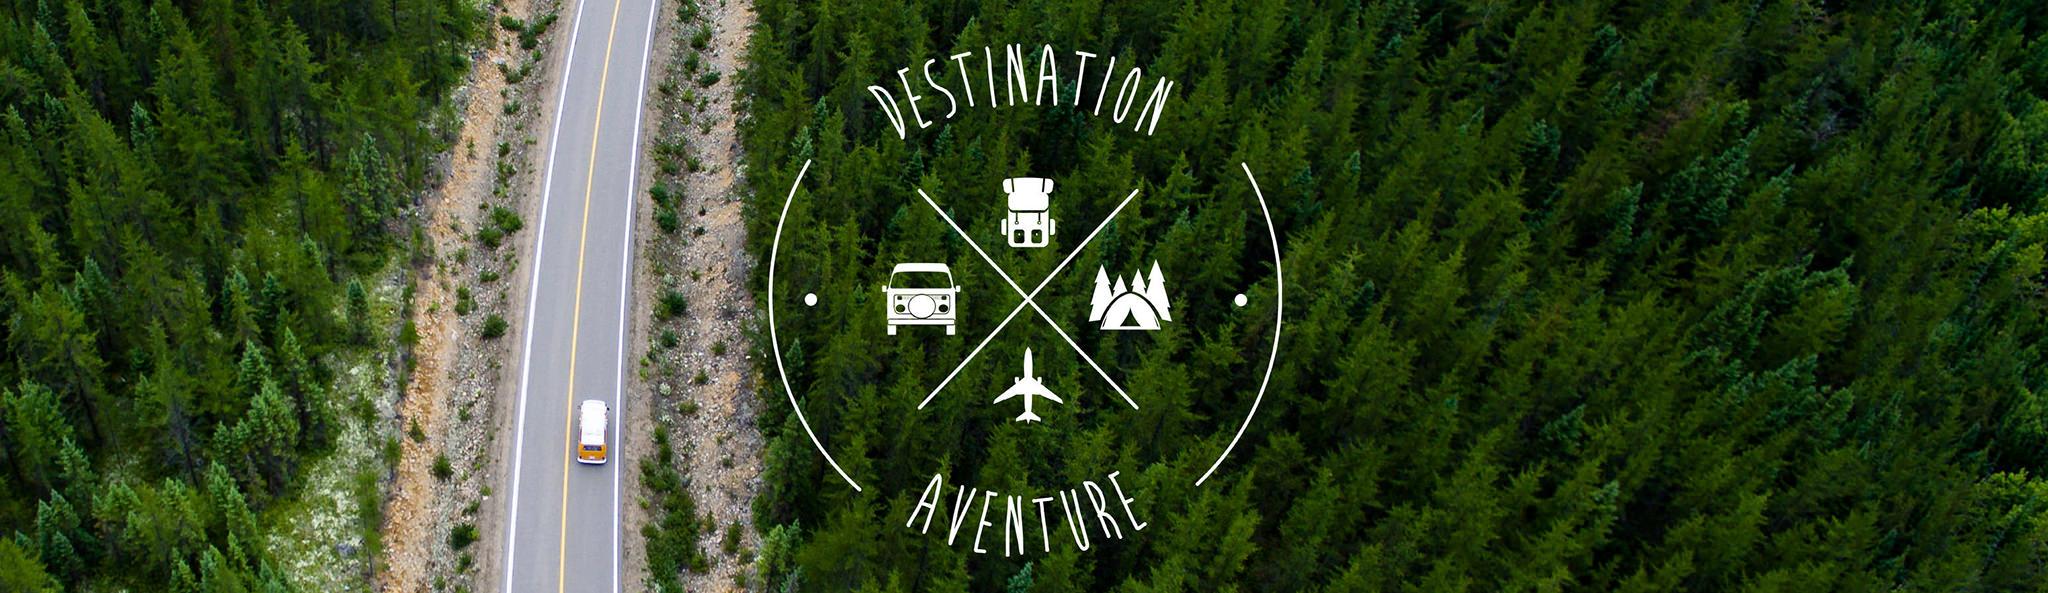 Destination Aventure est un blogue voyage fait au Québec!